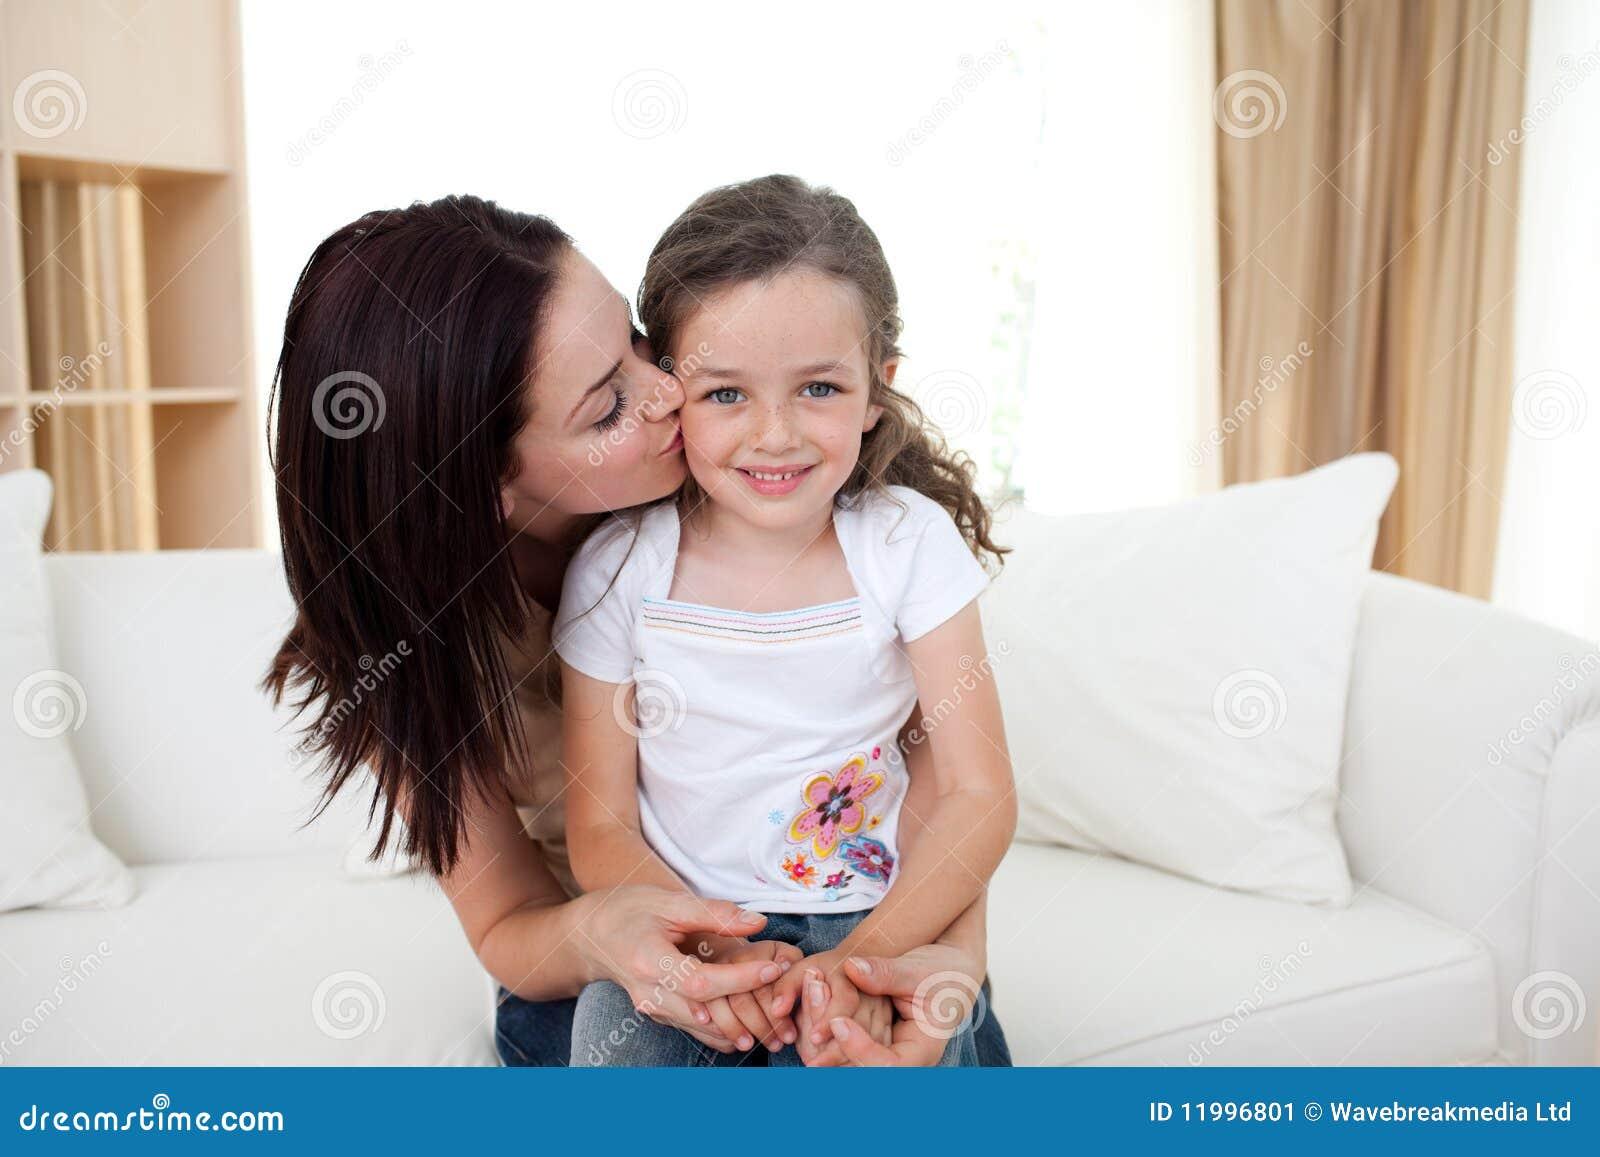 Фото мамку с дочкой 15 фотография